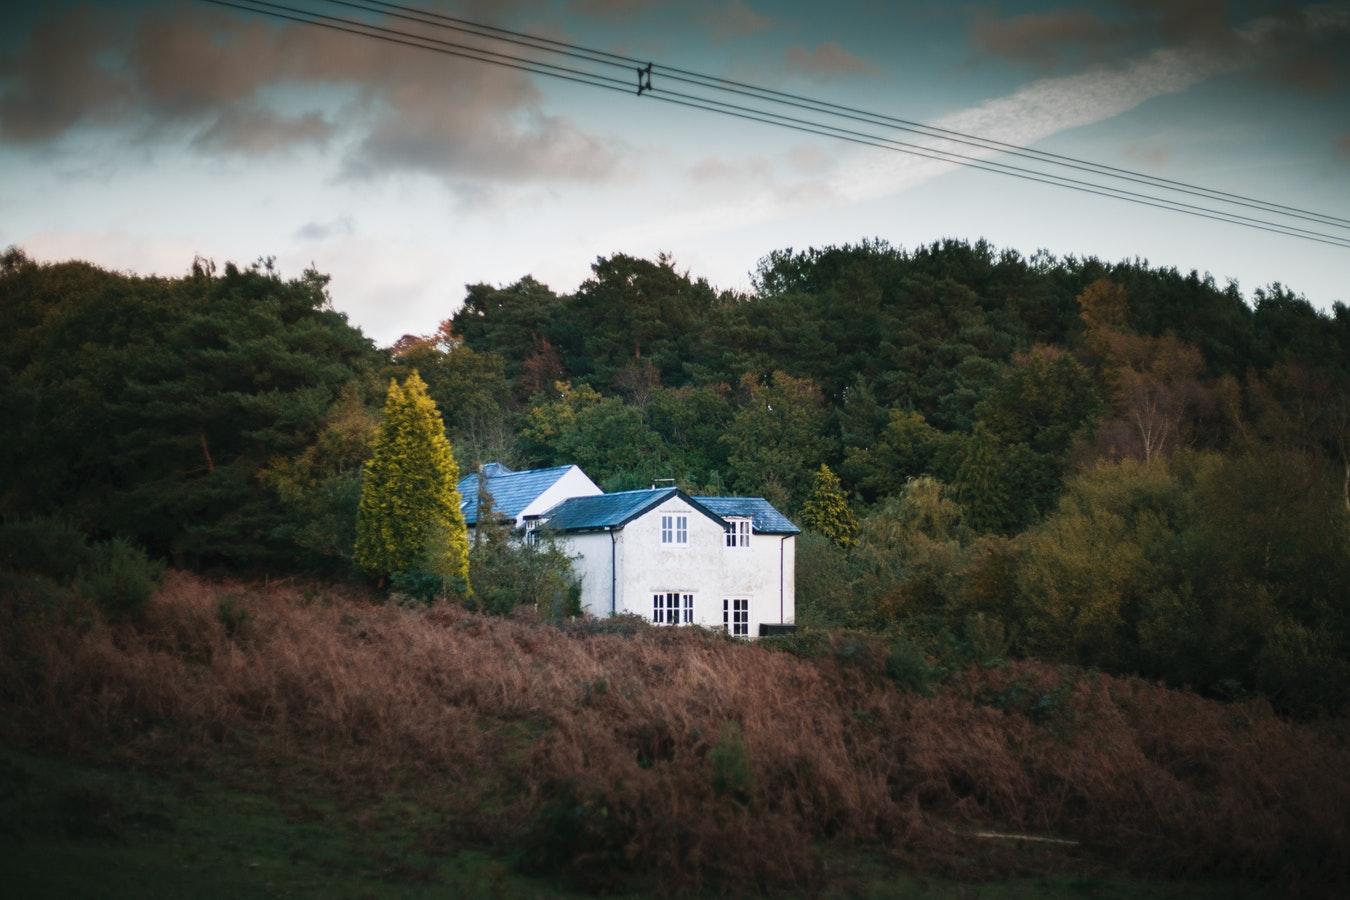 photo 1541330239740 da76383f64e0 - 6 houses to enjoy this autumn